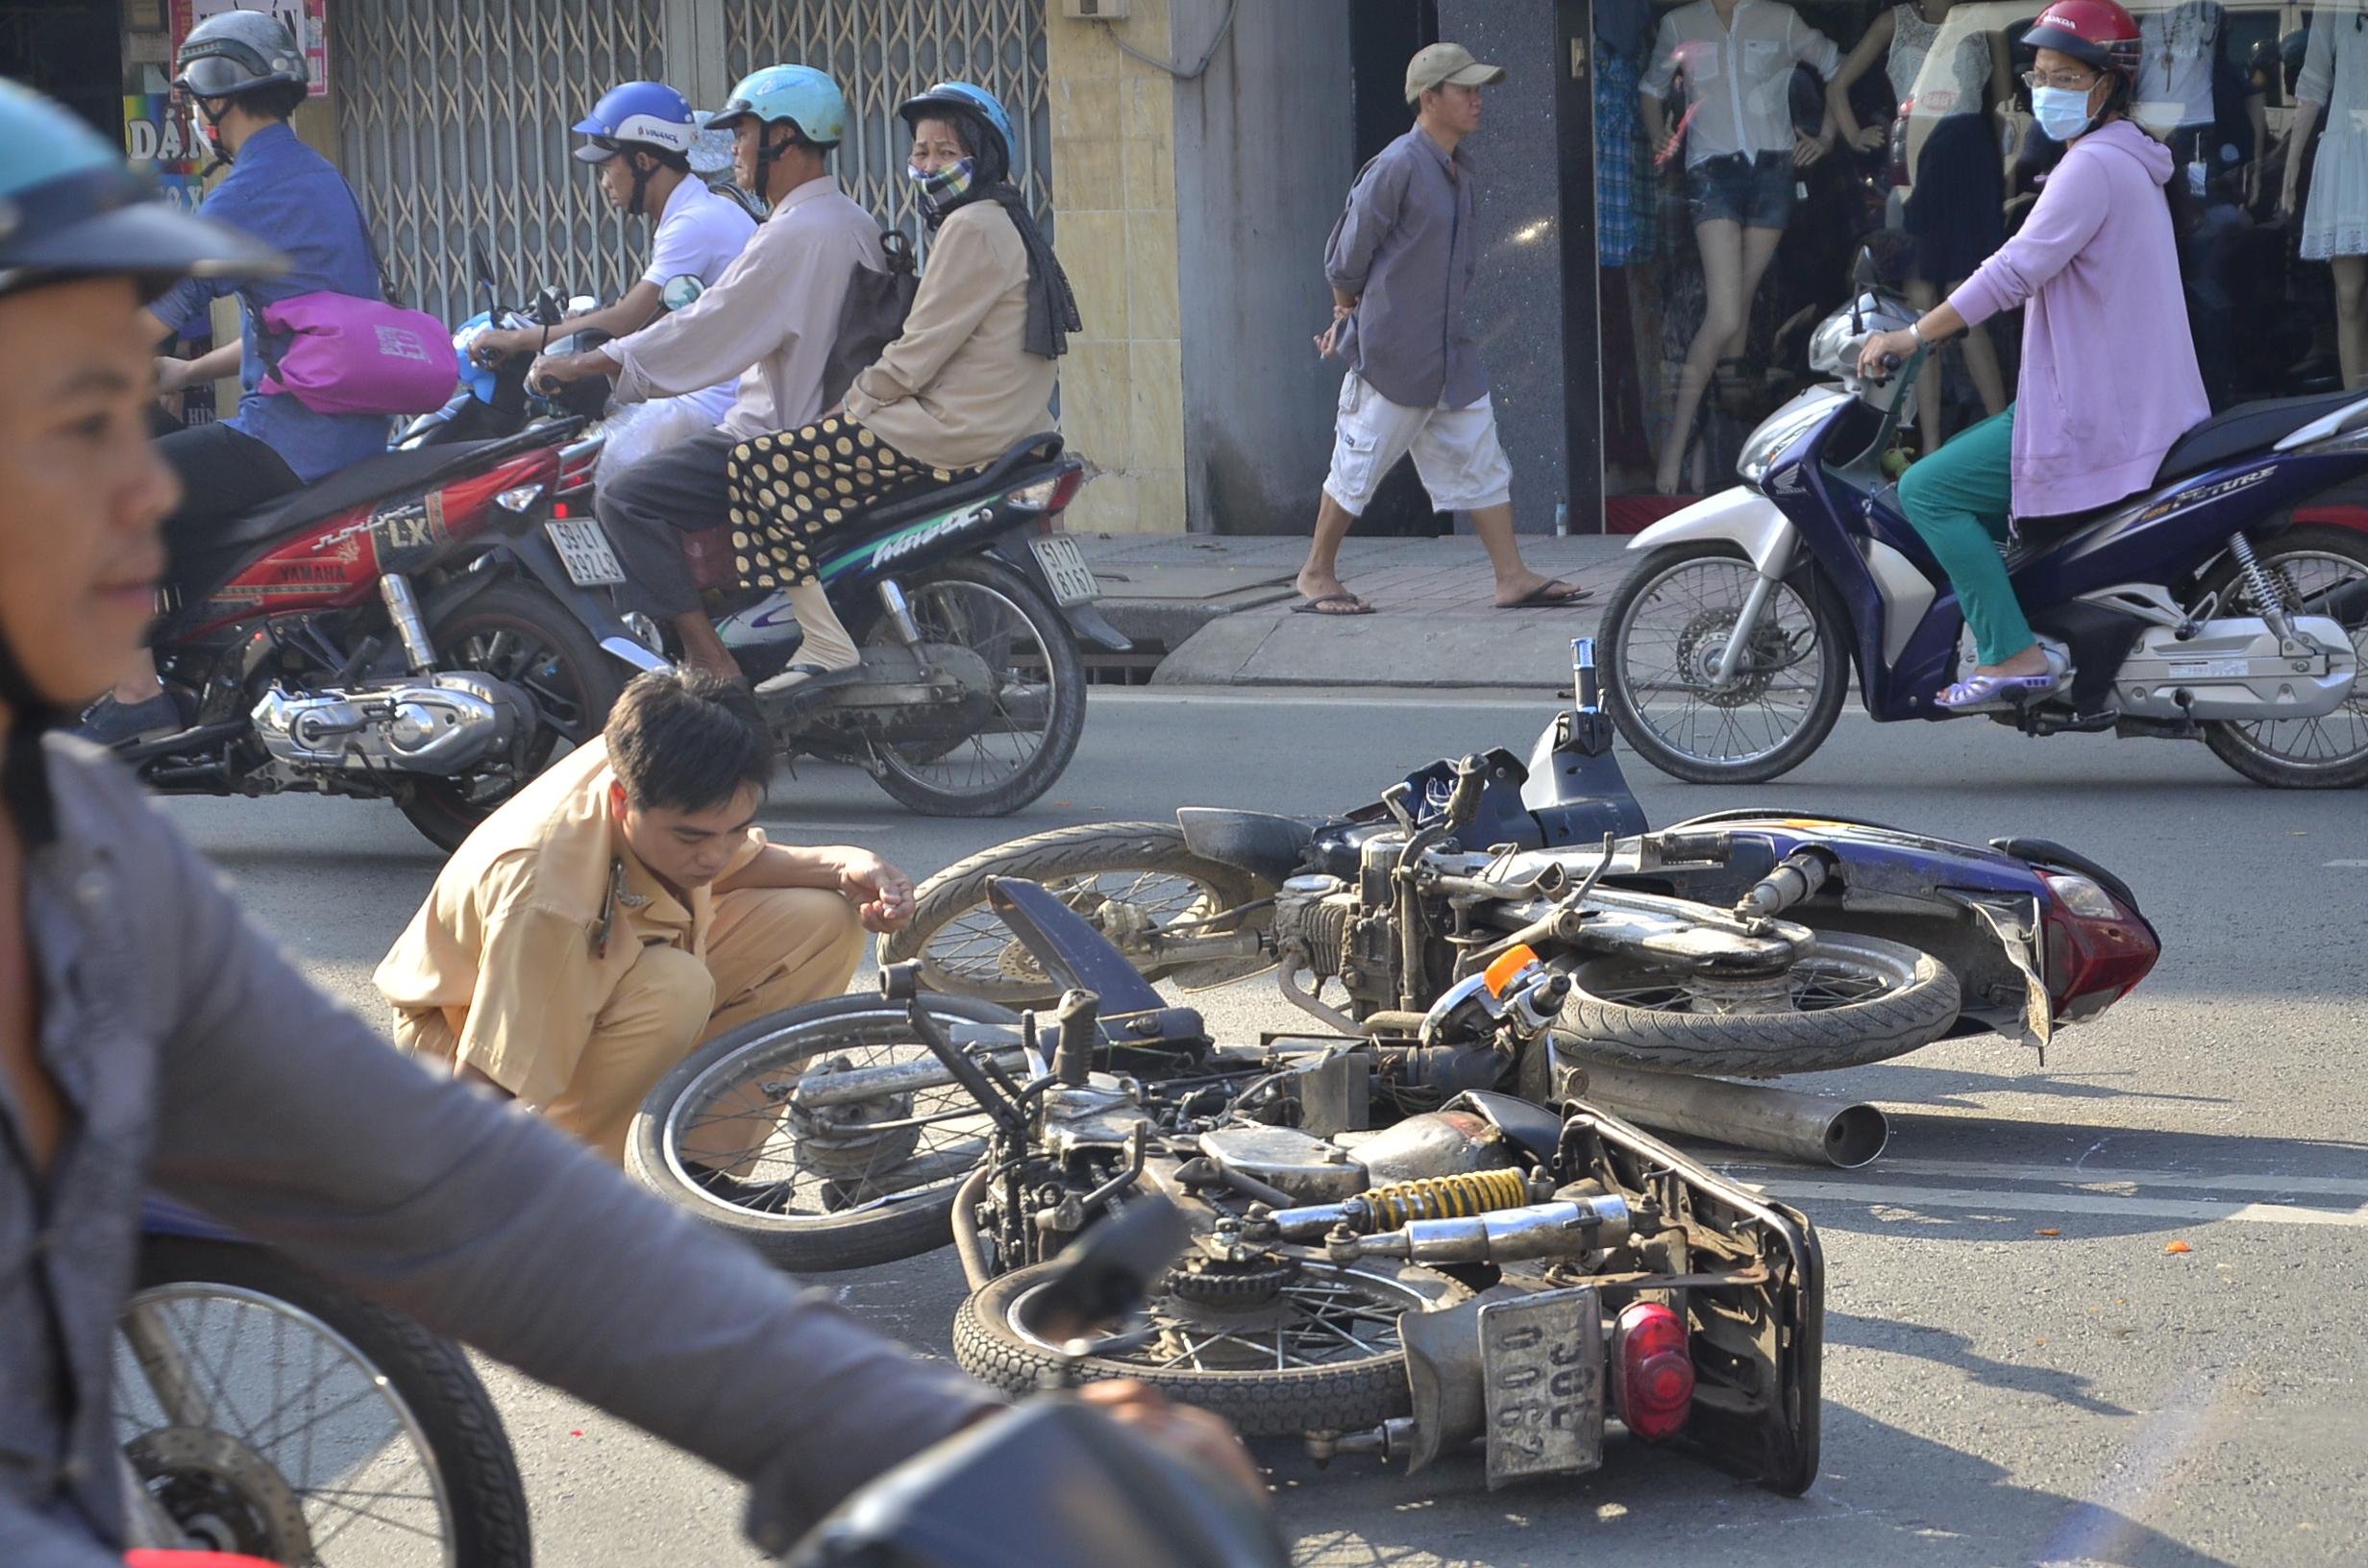 Sau khi gây tai nạn giao thông liên hoàn, nam thanh niên đi 'xe cà tàng' đã bỏ trốn